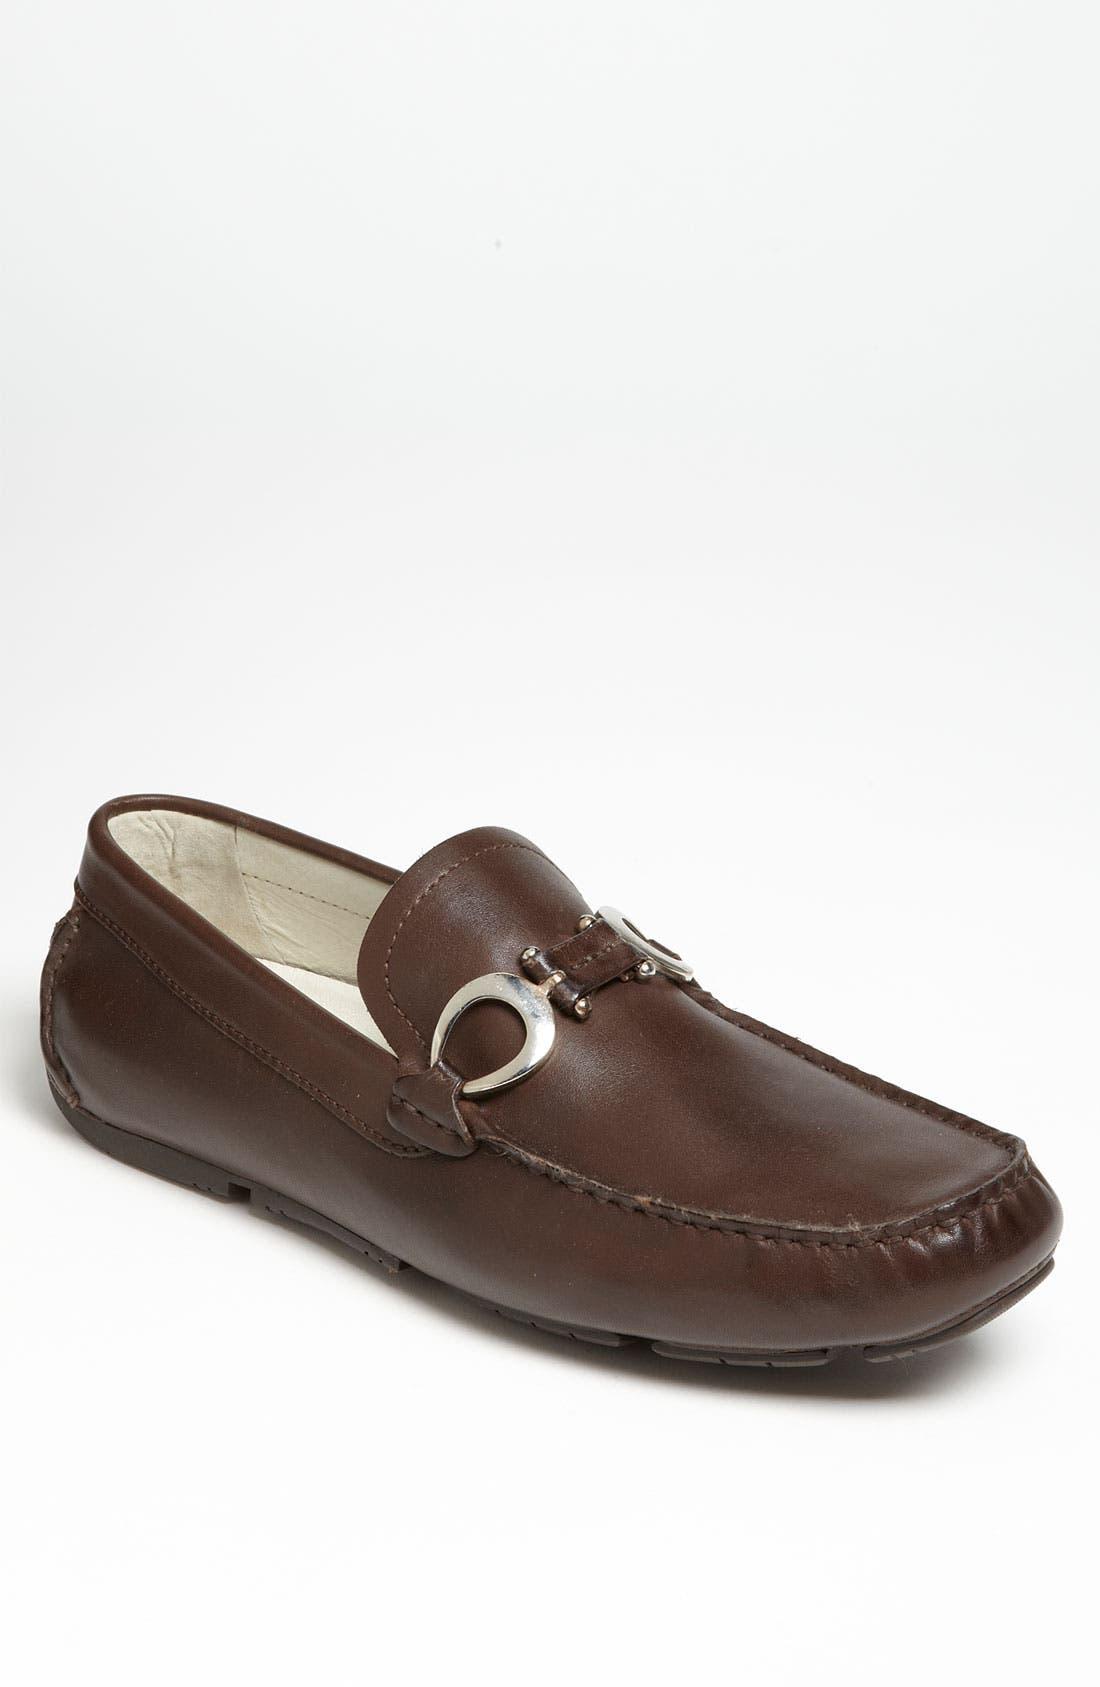 Alternate Image 1 Selected - Bacco Bucci 'Lisboa' Driving Shoe